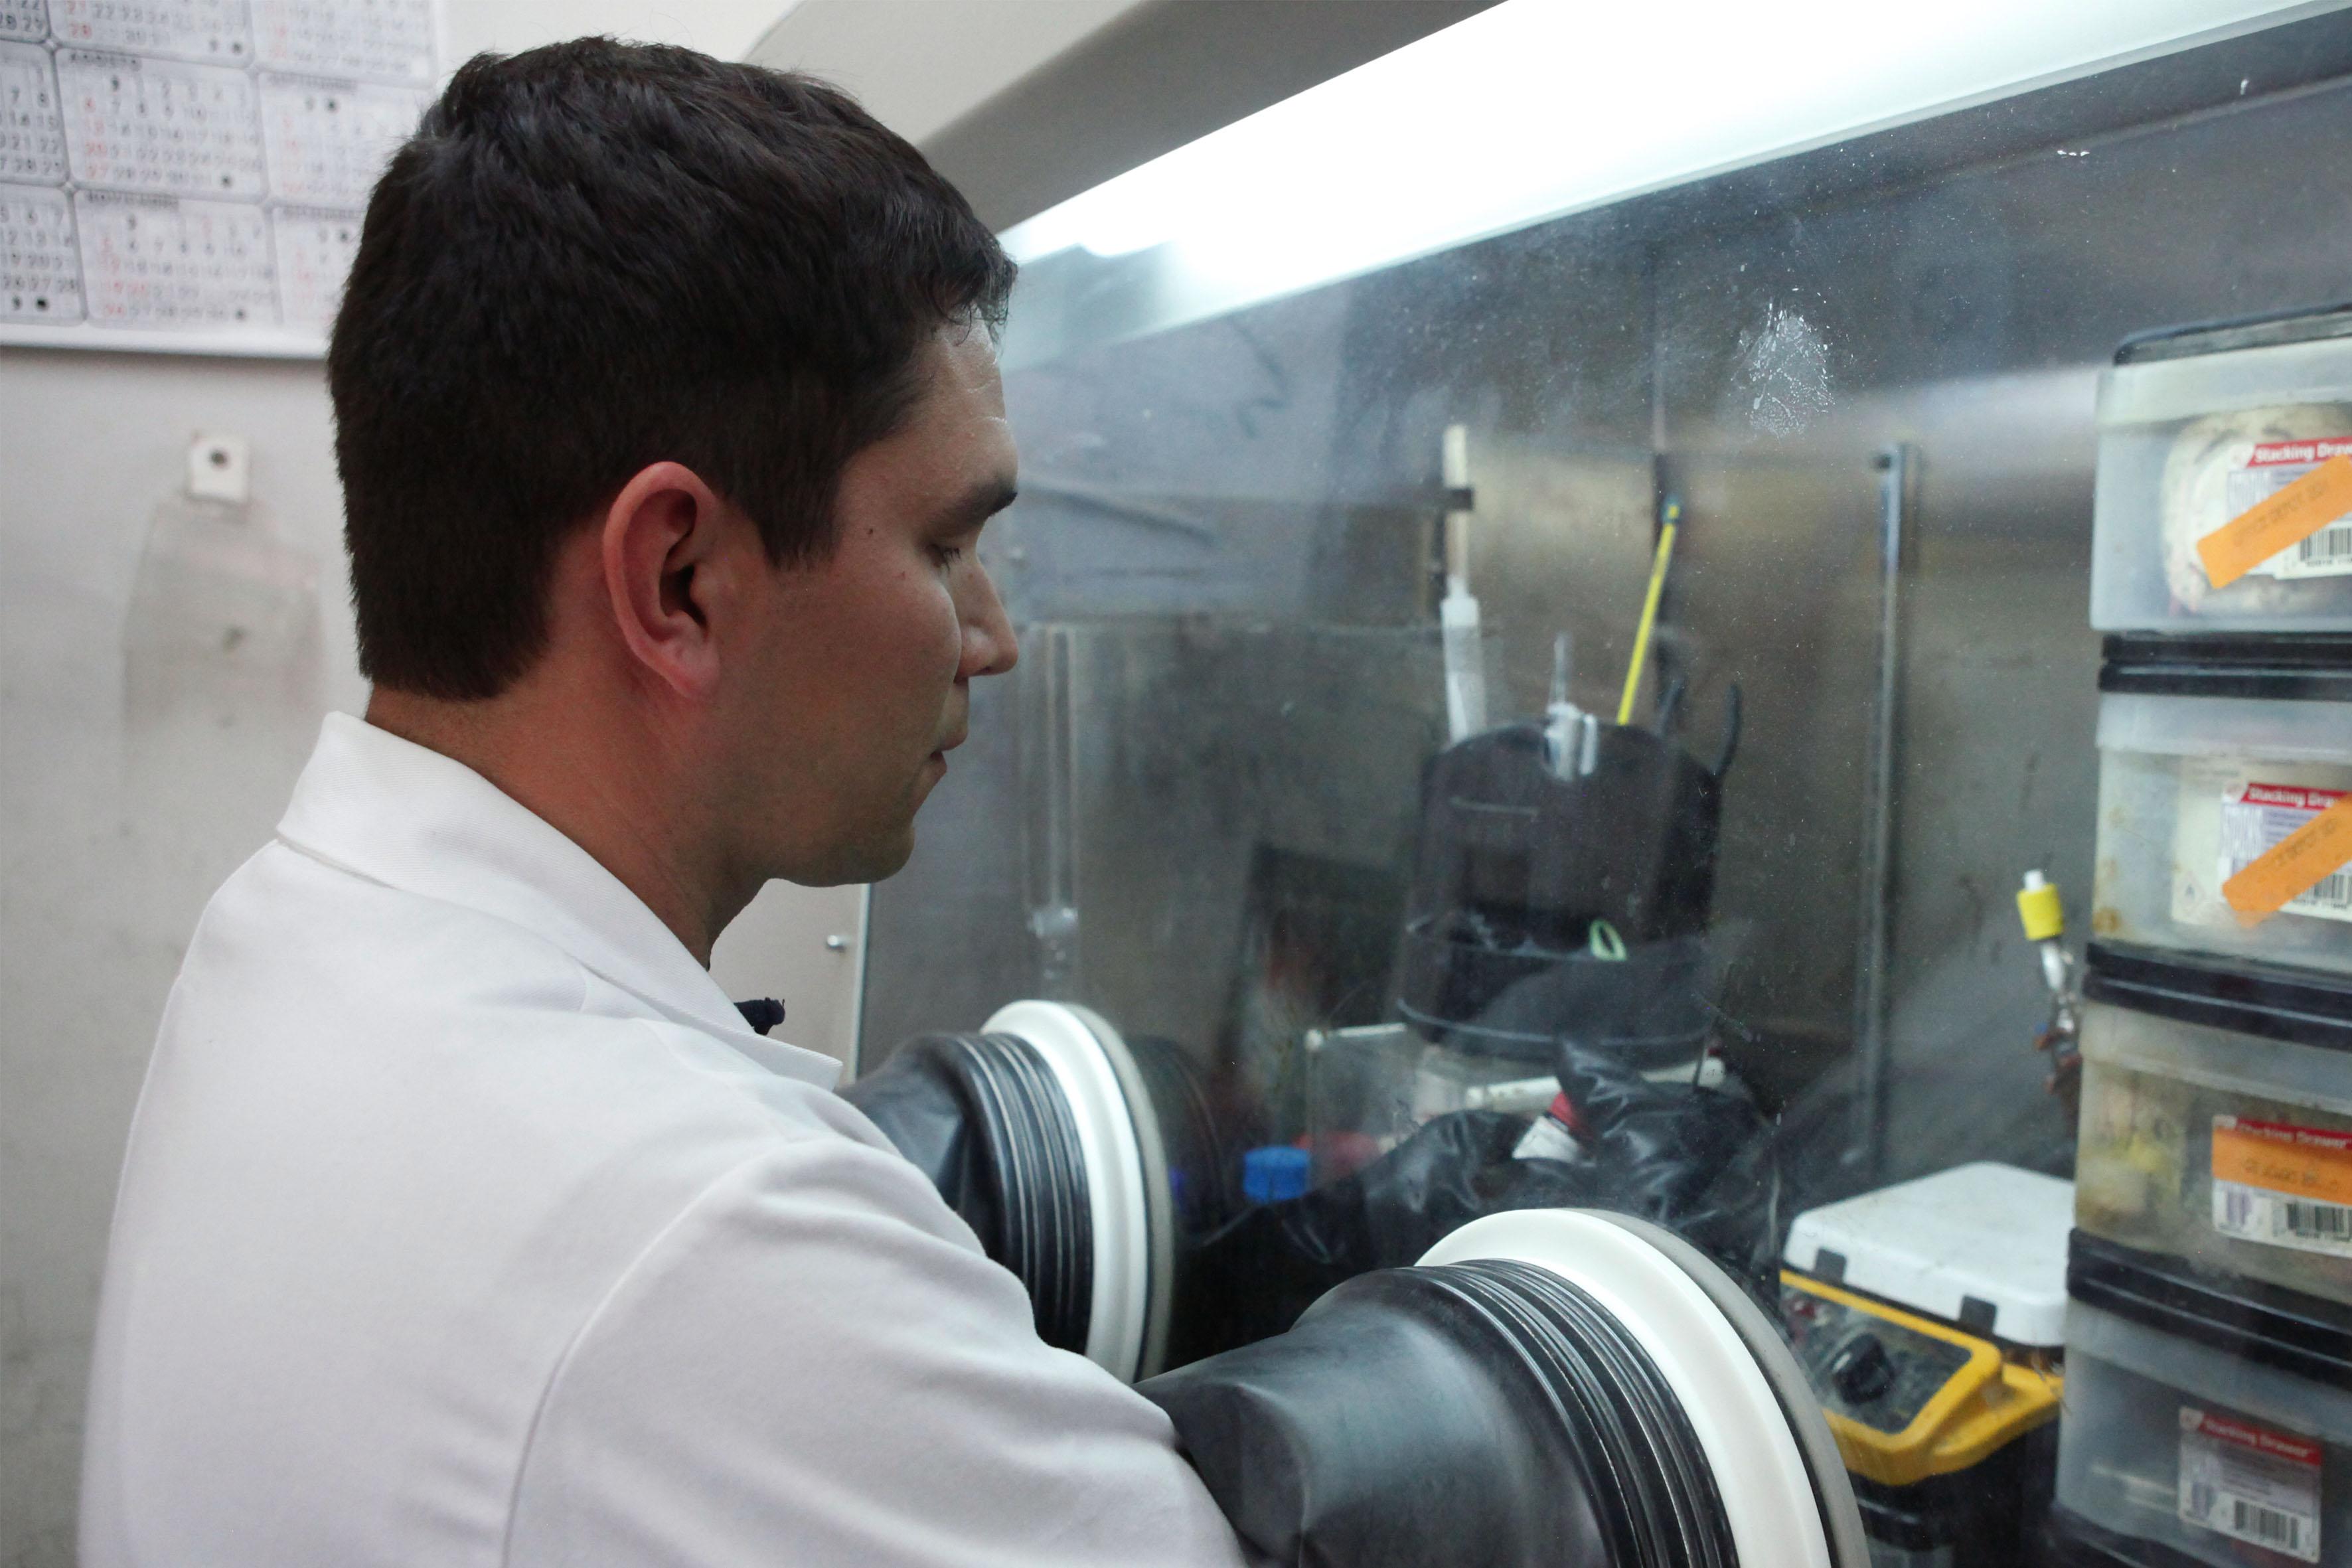 Investigador analizando muestras, en el laboratorio de policarbonato transparente de plexiglás.